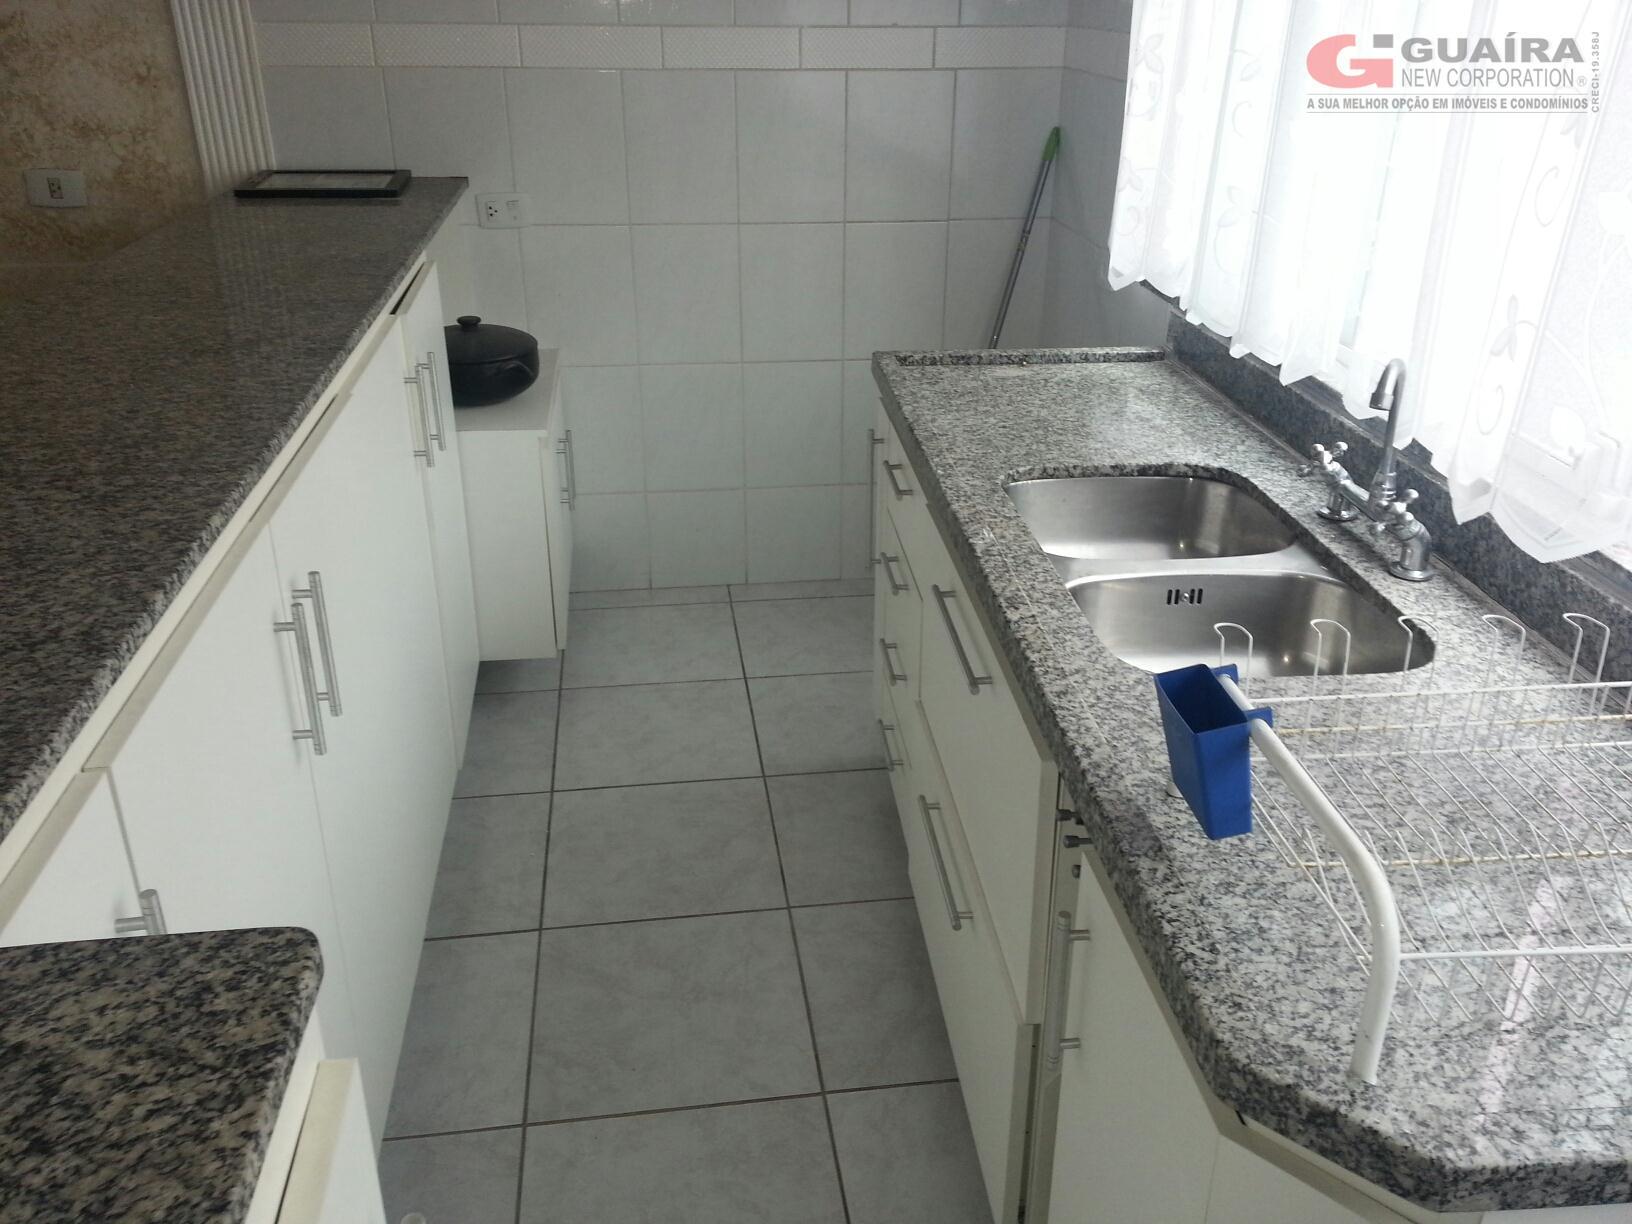 Sobrado de 5 dormitórios à venda em Vila Euclides, São Bernardo Do Campo - SP